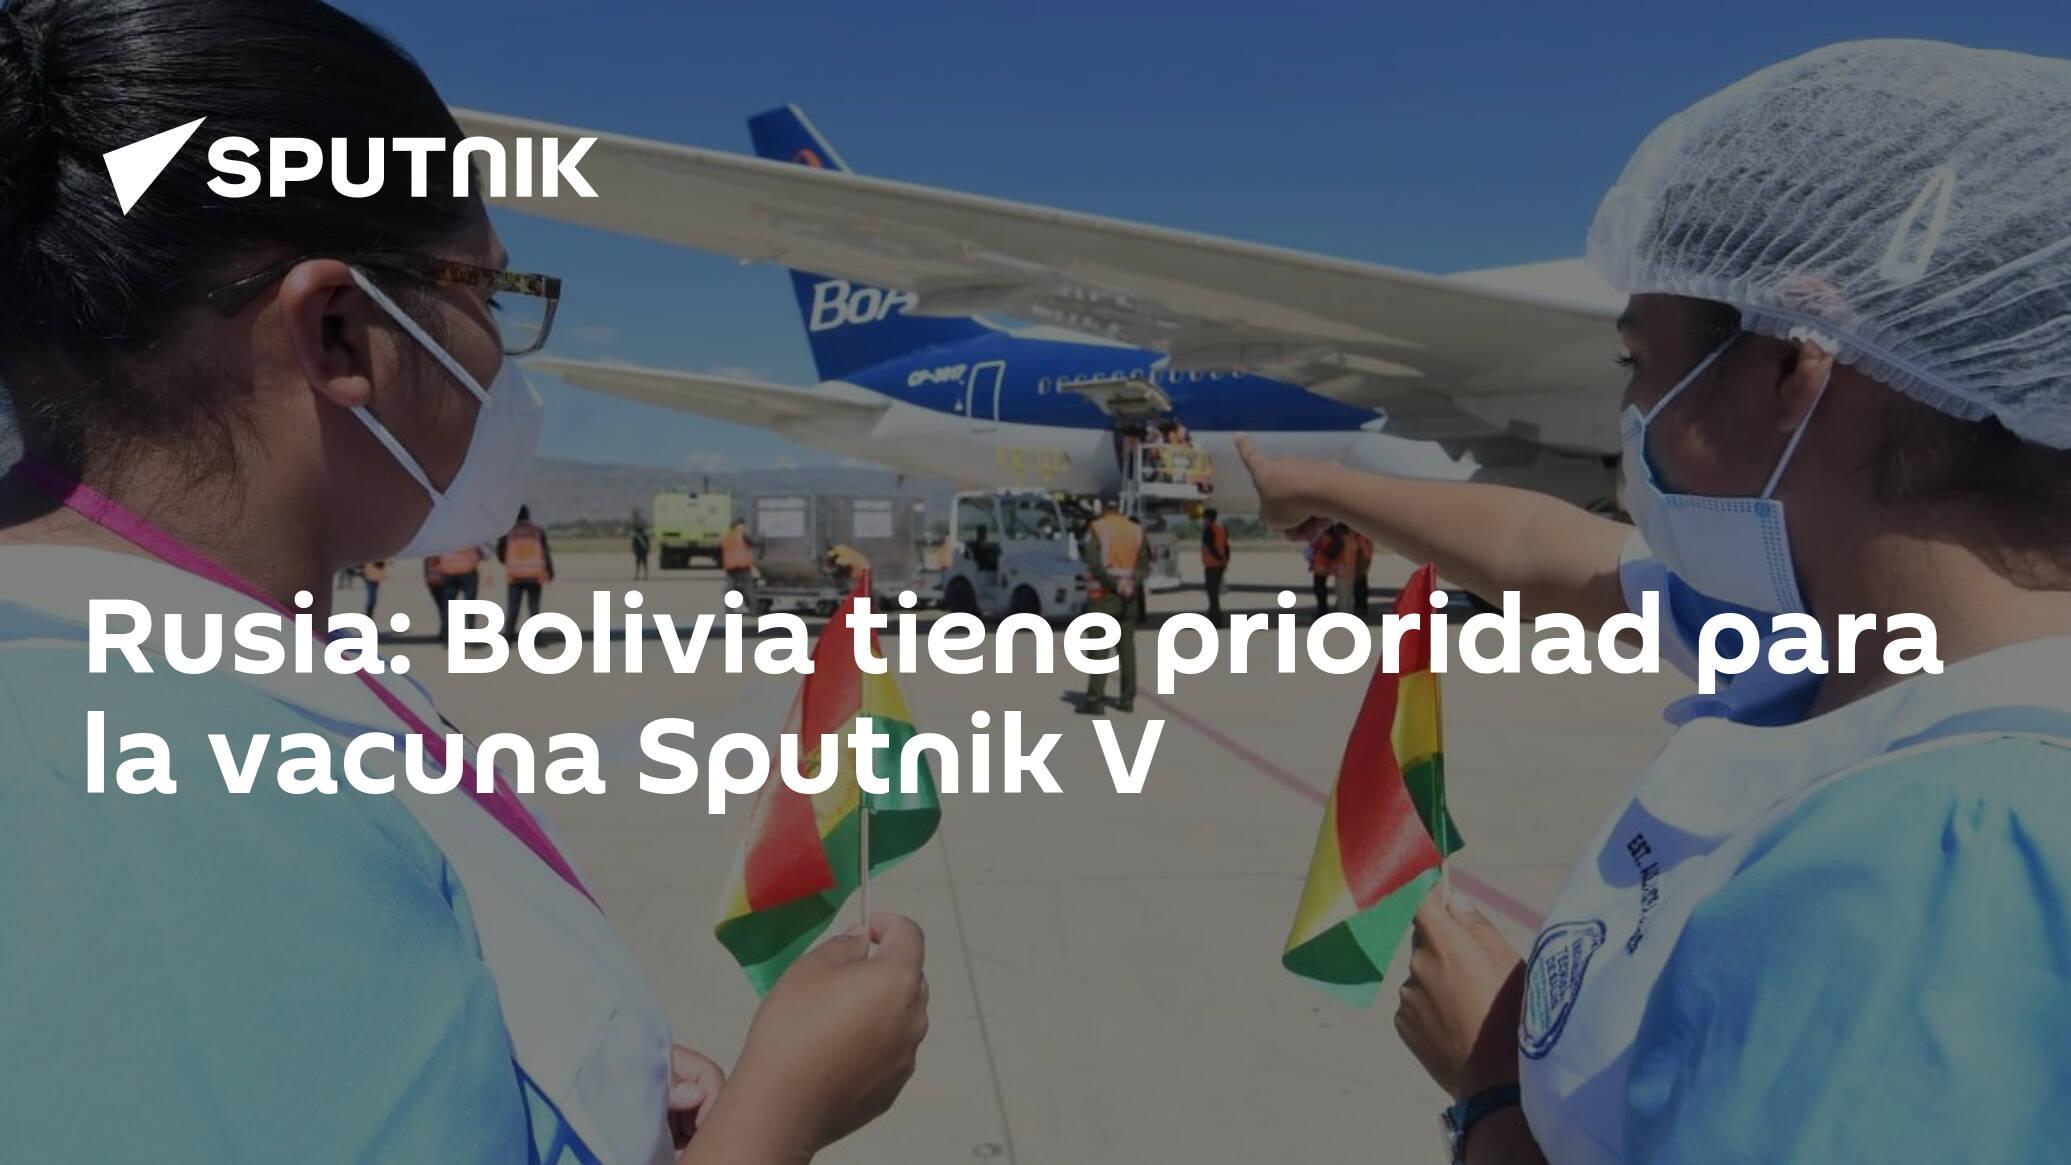 Image Rusia: Bolivia tiene prioridad para la vacuna Sputnik V